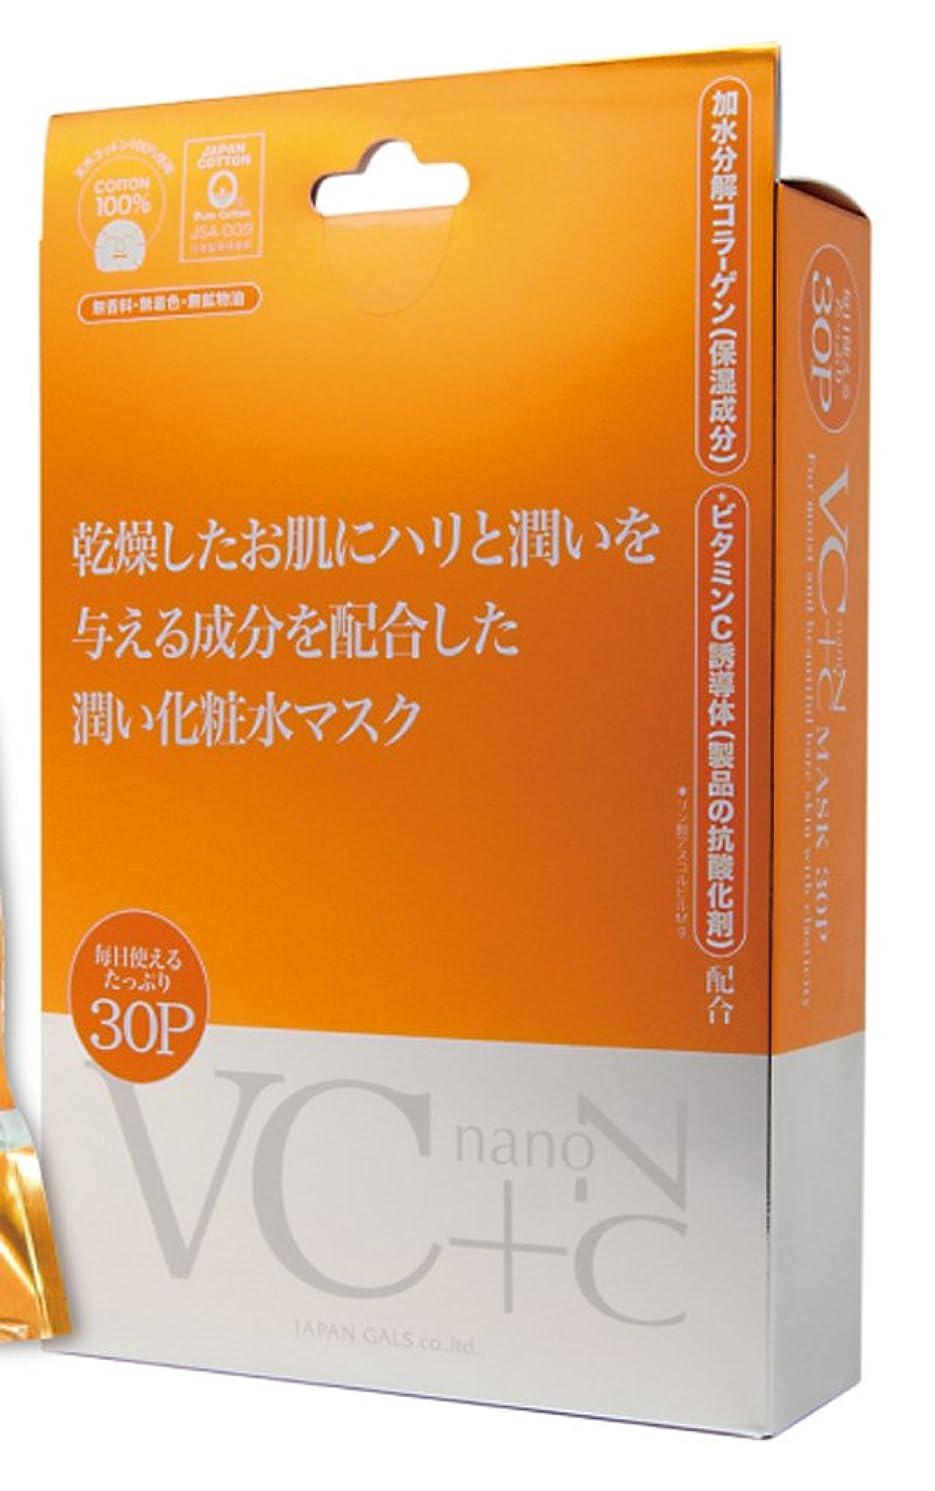 オペラコンバーチブルジャンクションジャパンギャルズ VC+nanoC(ブイシープラスナノシー) マスク30P